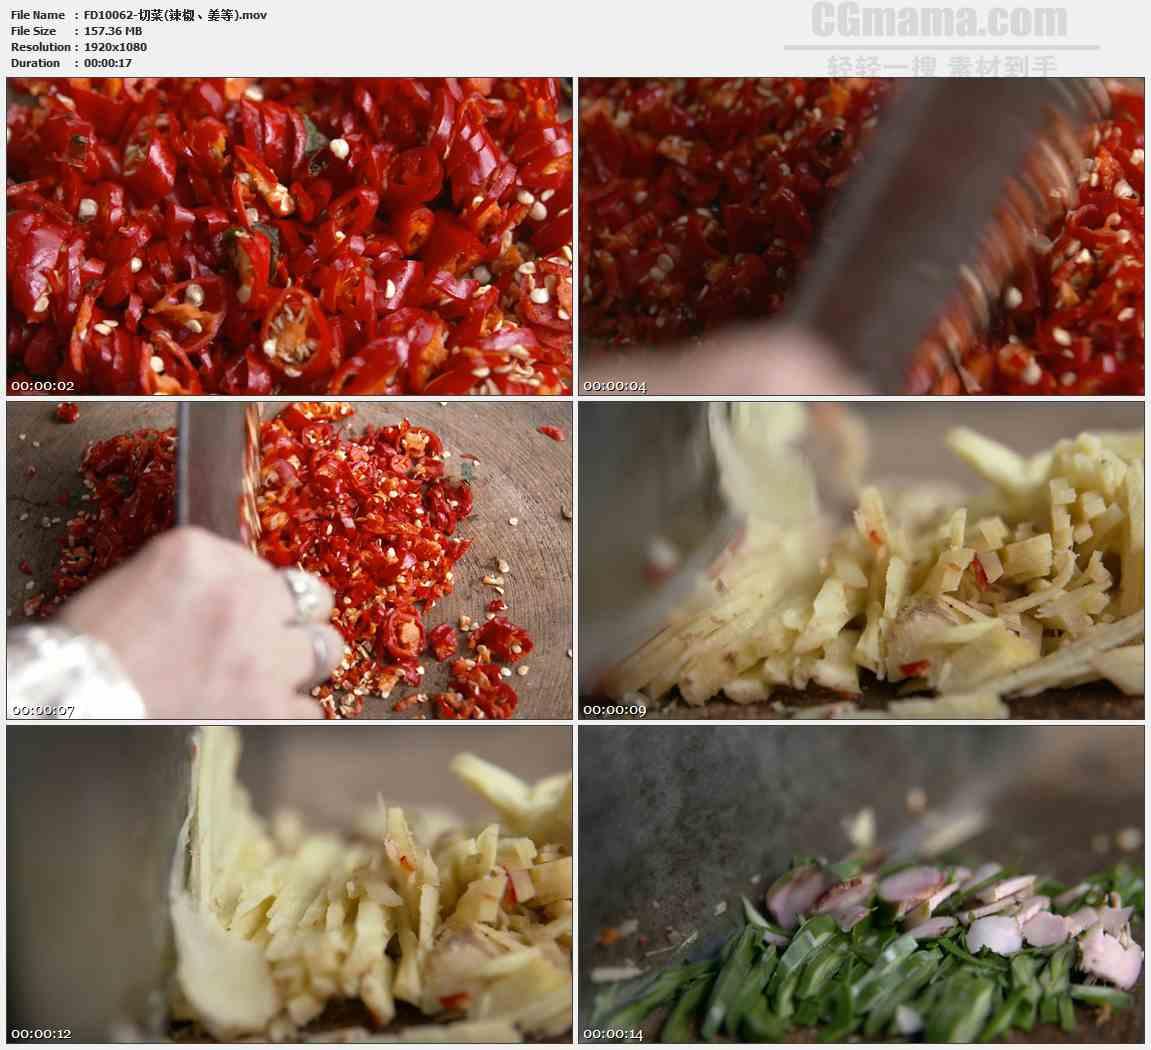 FD10062-切菜剁辣椒末姜末高清实拍视频素材